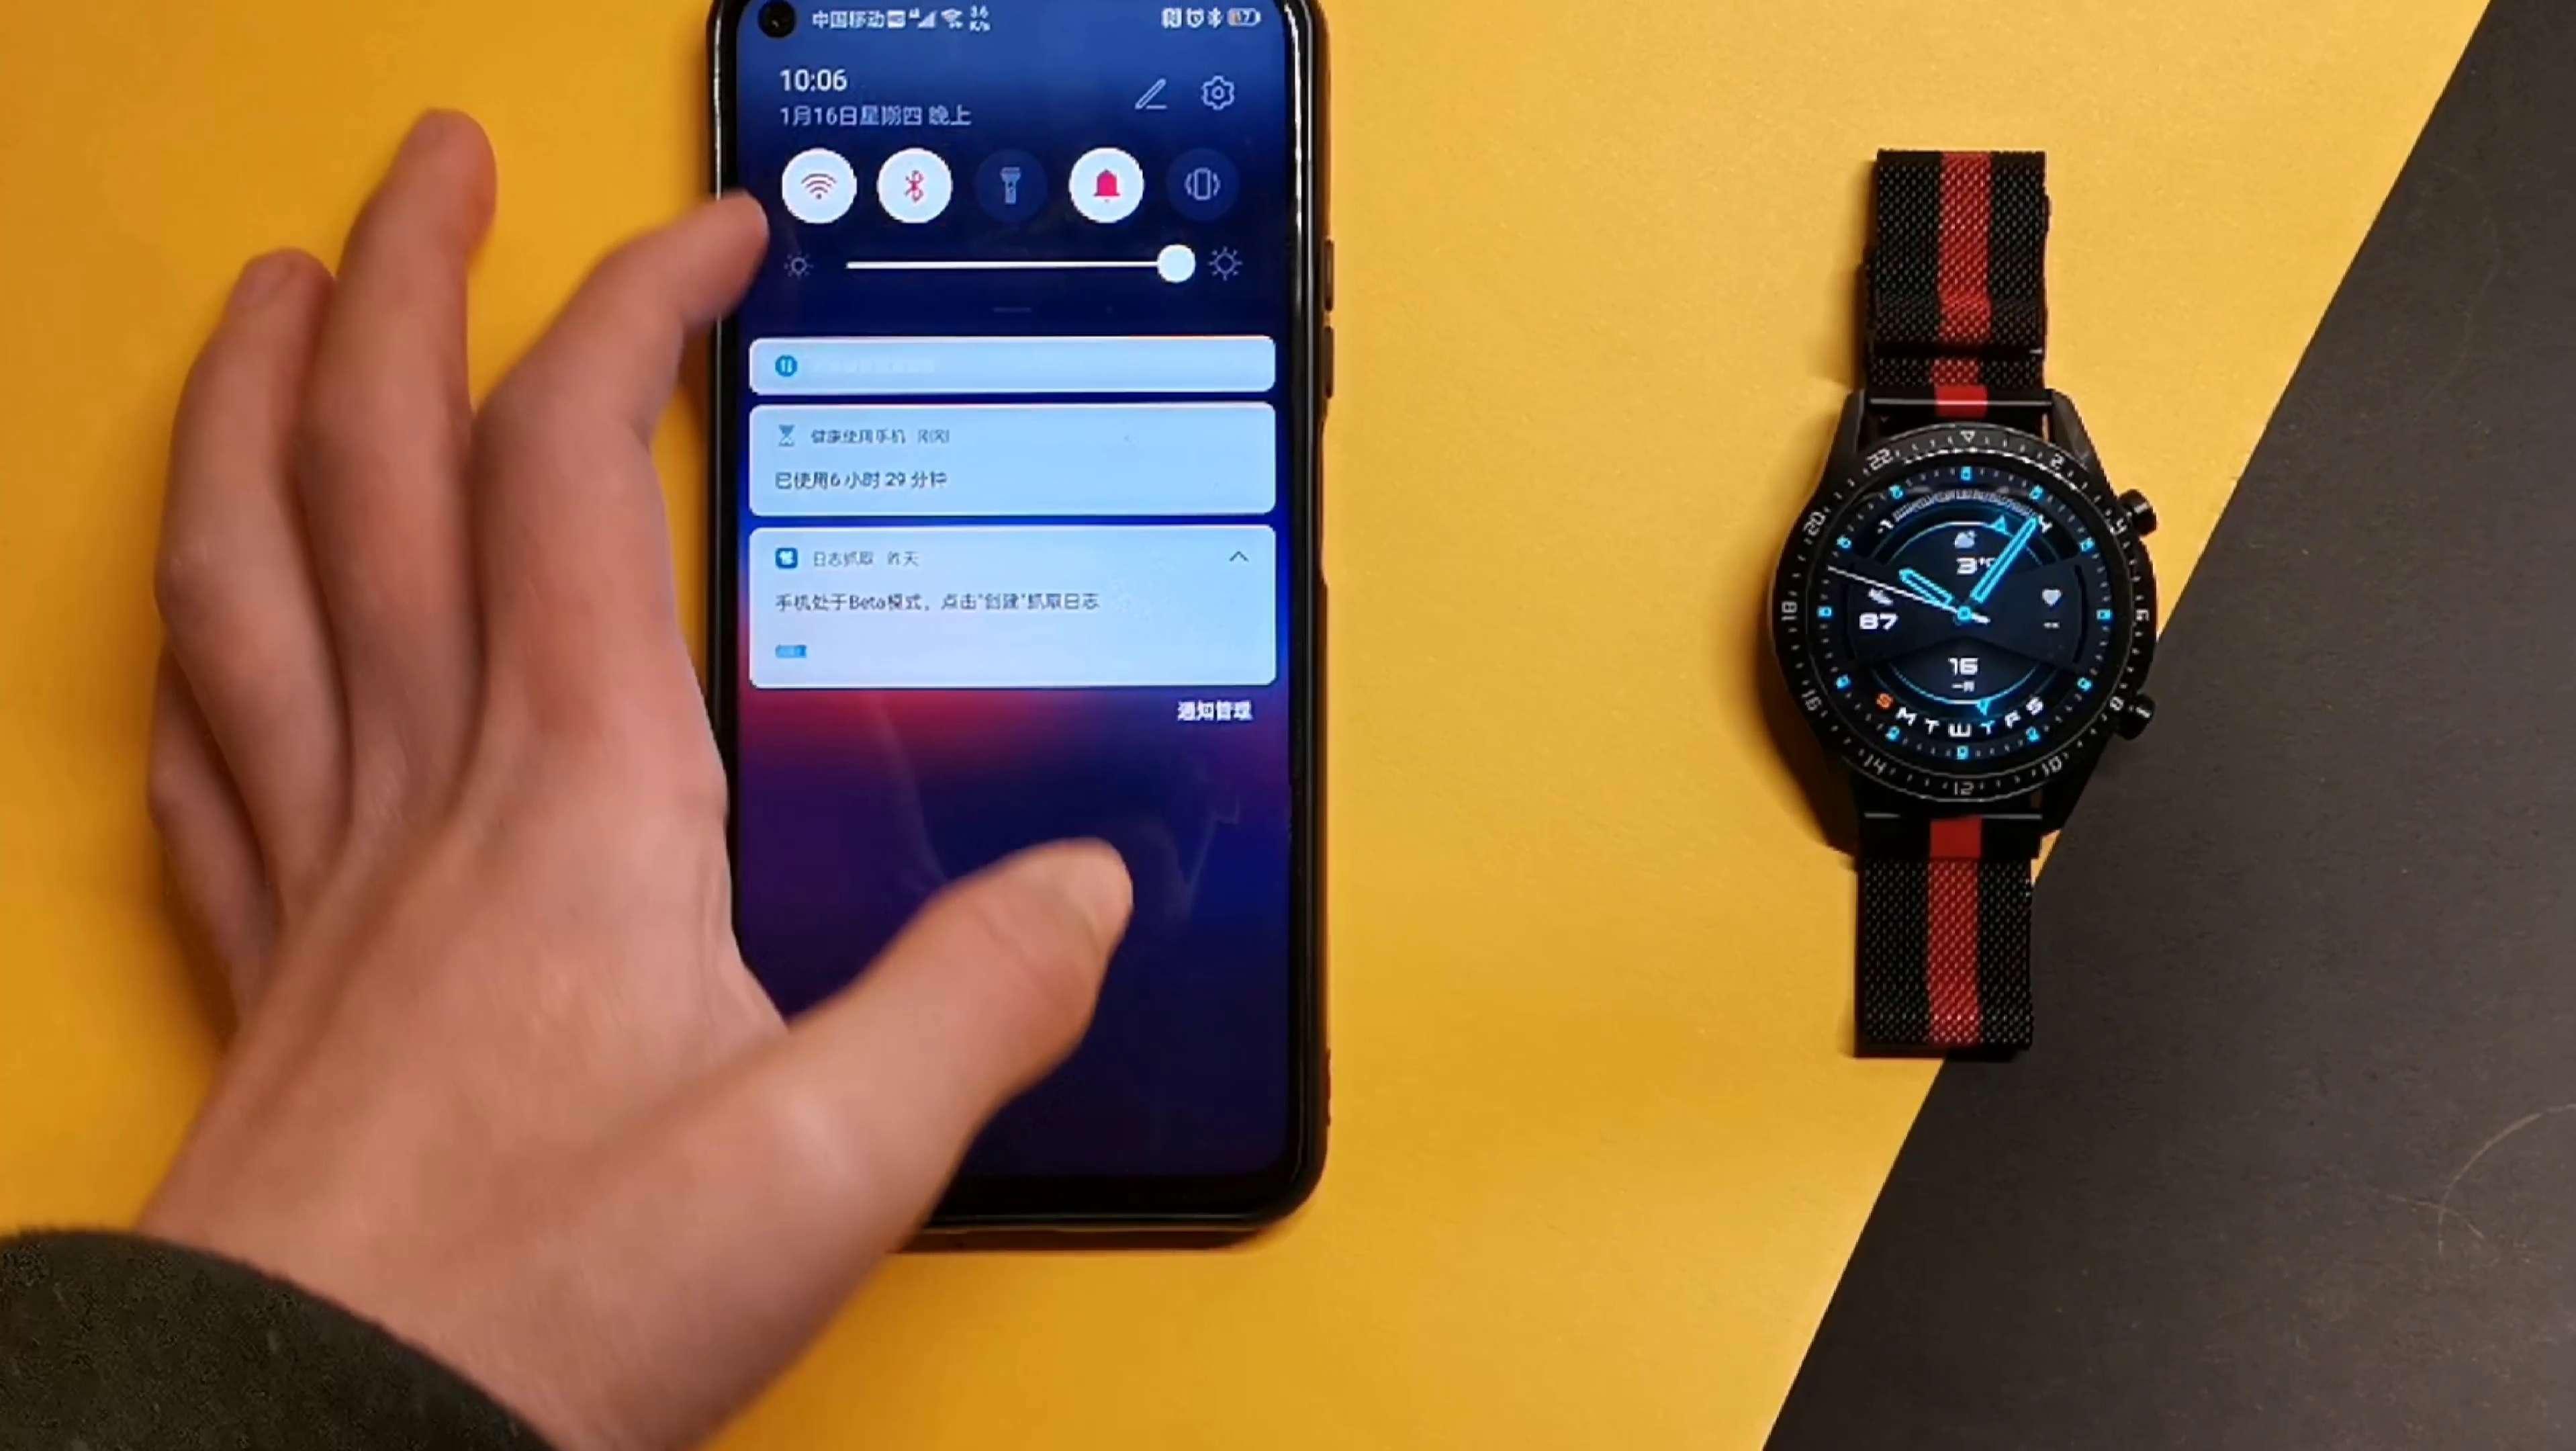 如何将手机里的图片设置为手表表盘?我来教教你,穿戴健康-花粉俱乐部